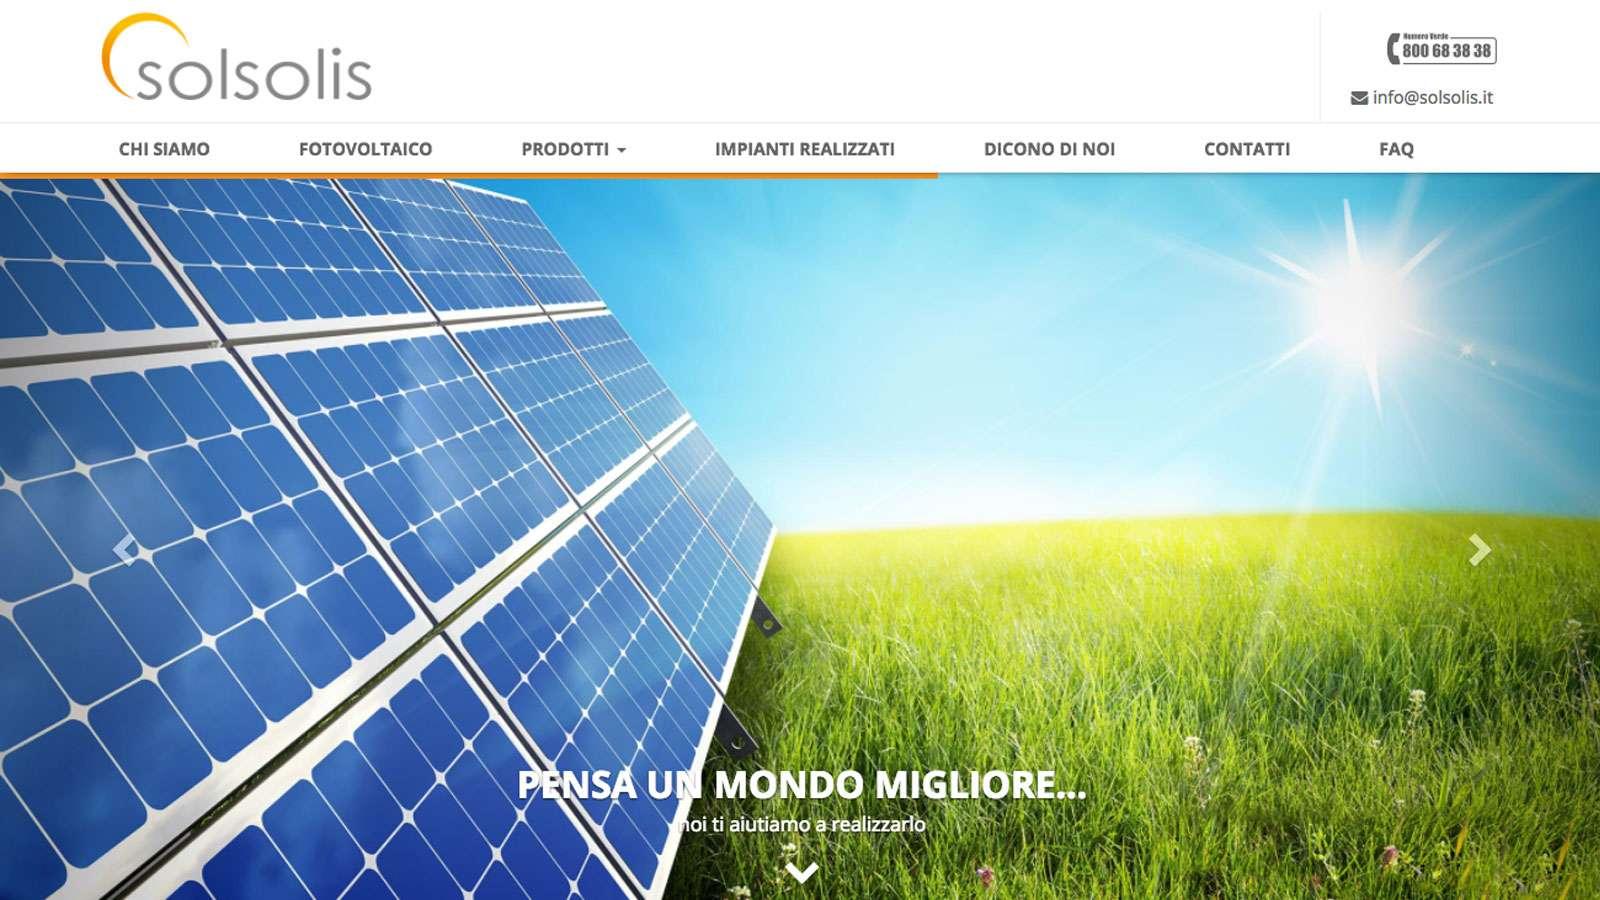 Solsolis Desktop Website